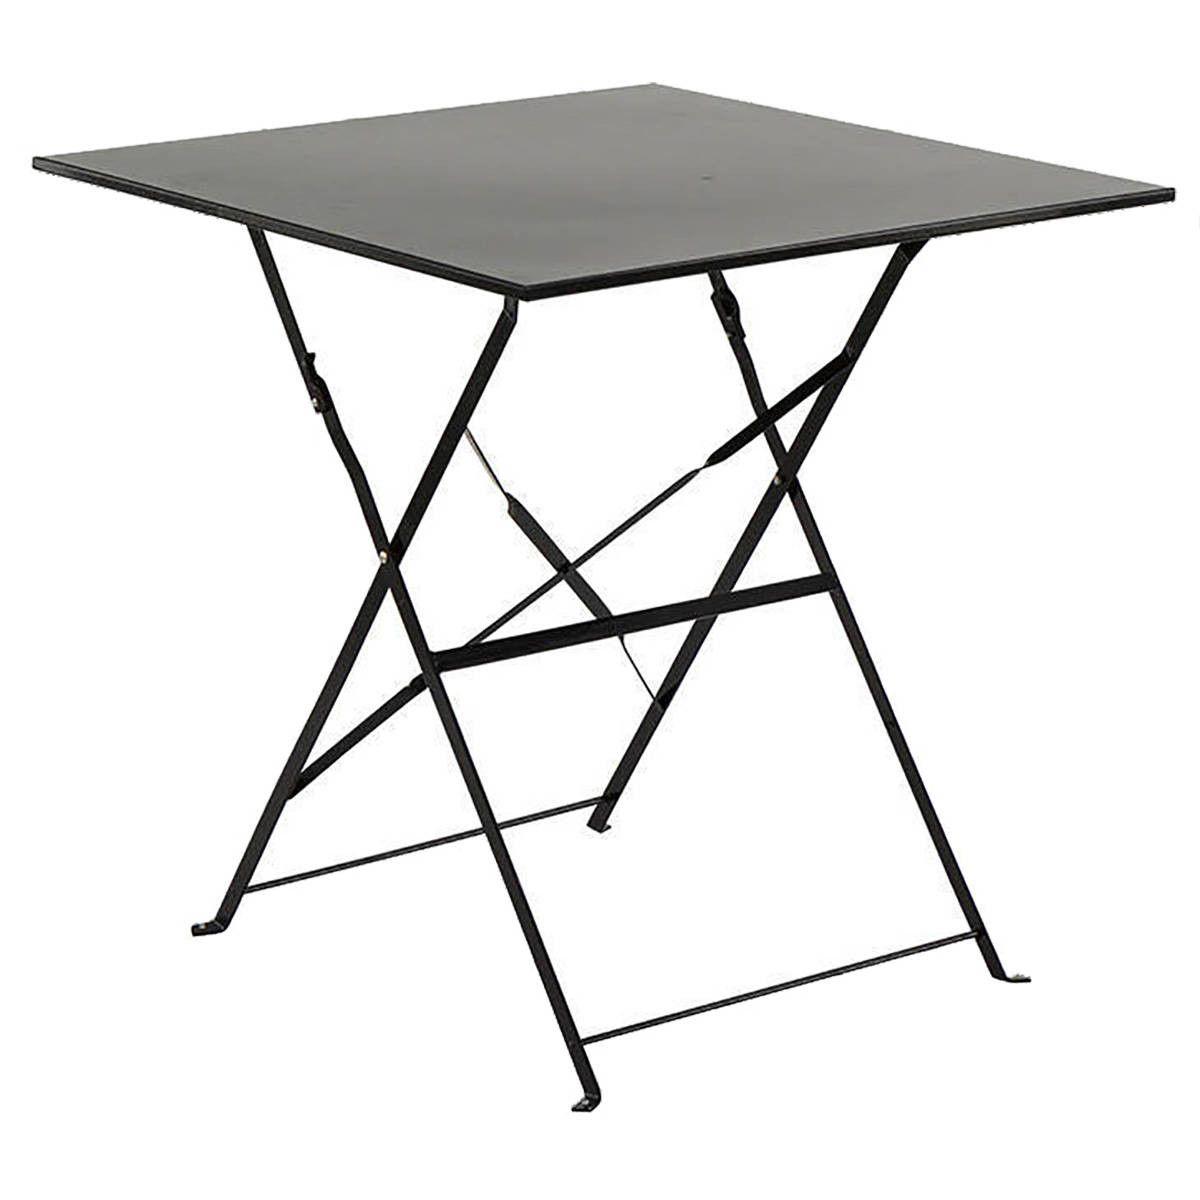 Table et chaise - Table de jardin pliante Camargue noire carrée ...